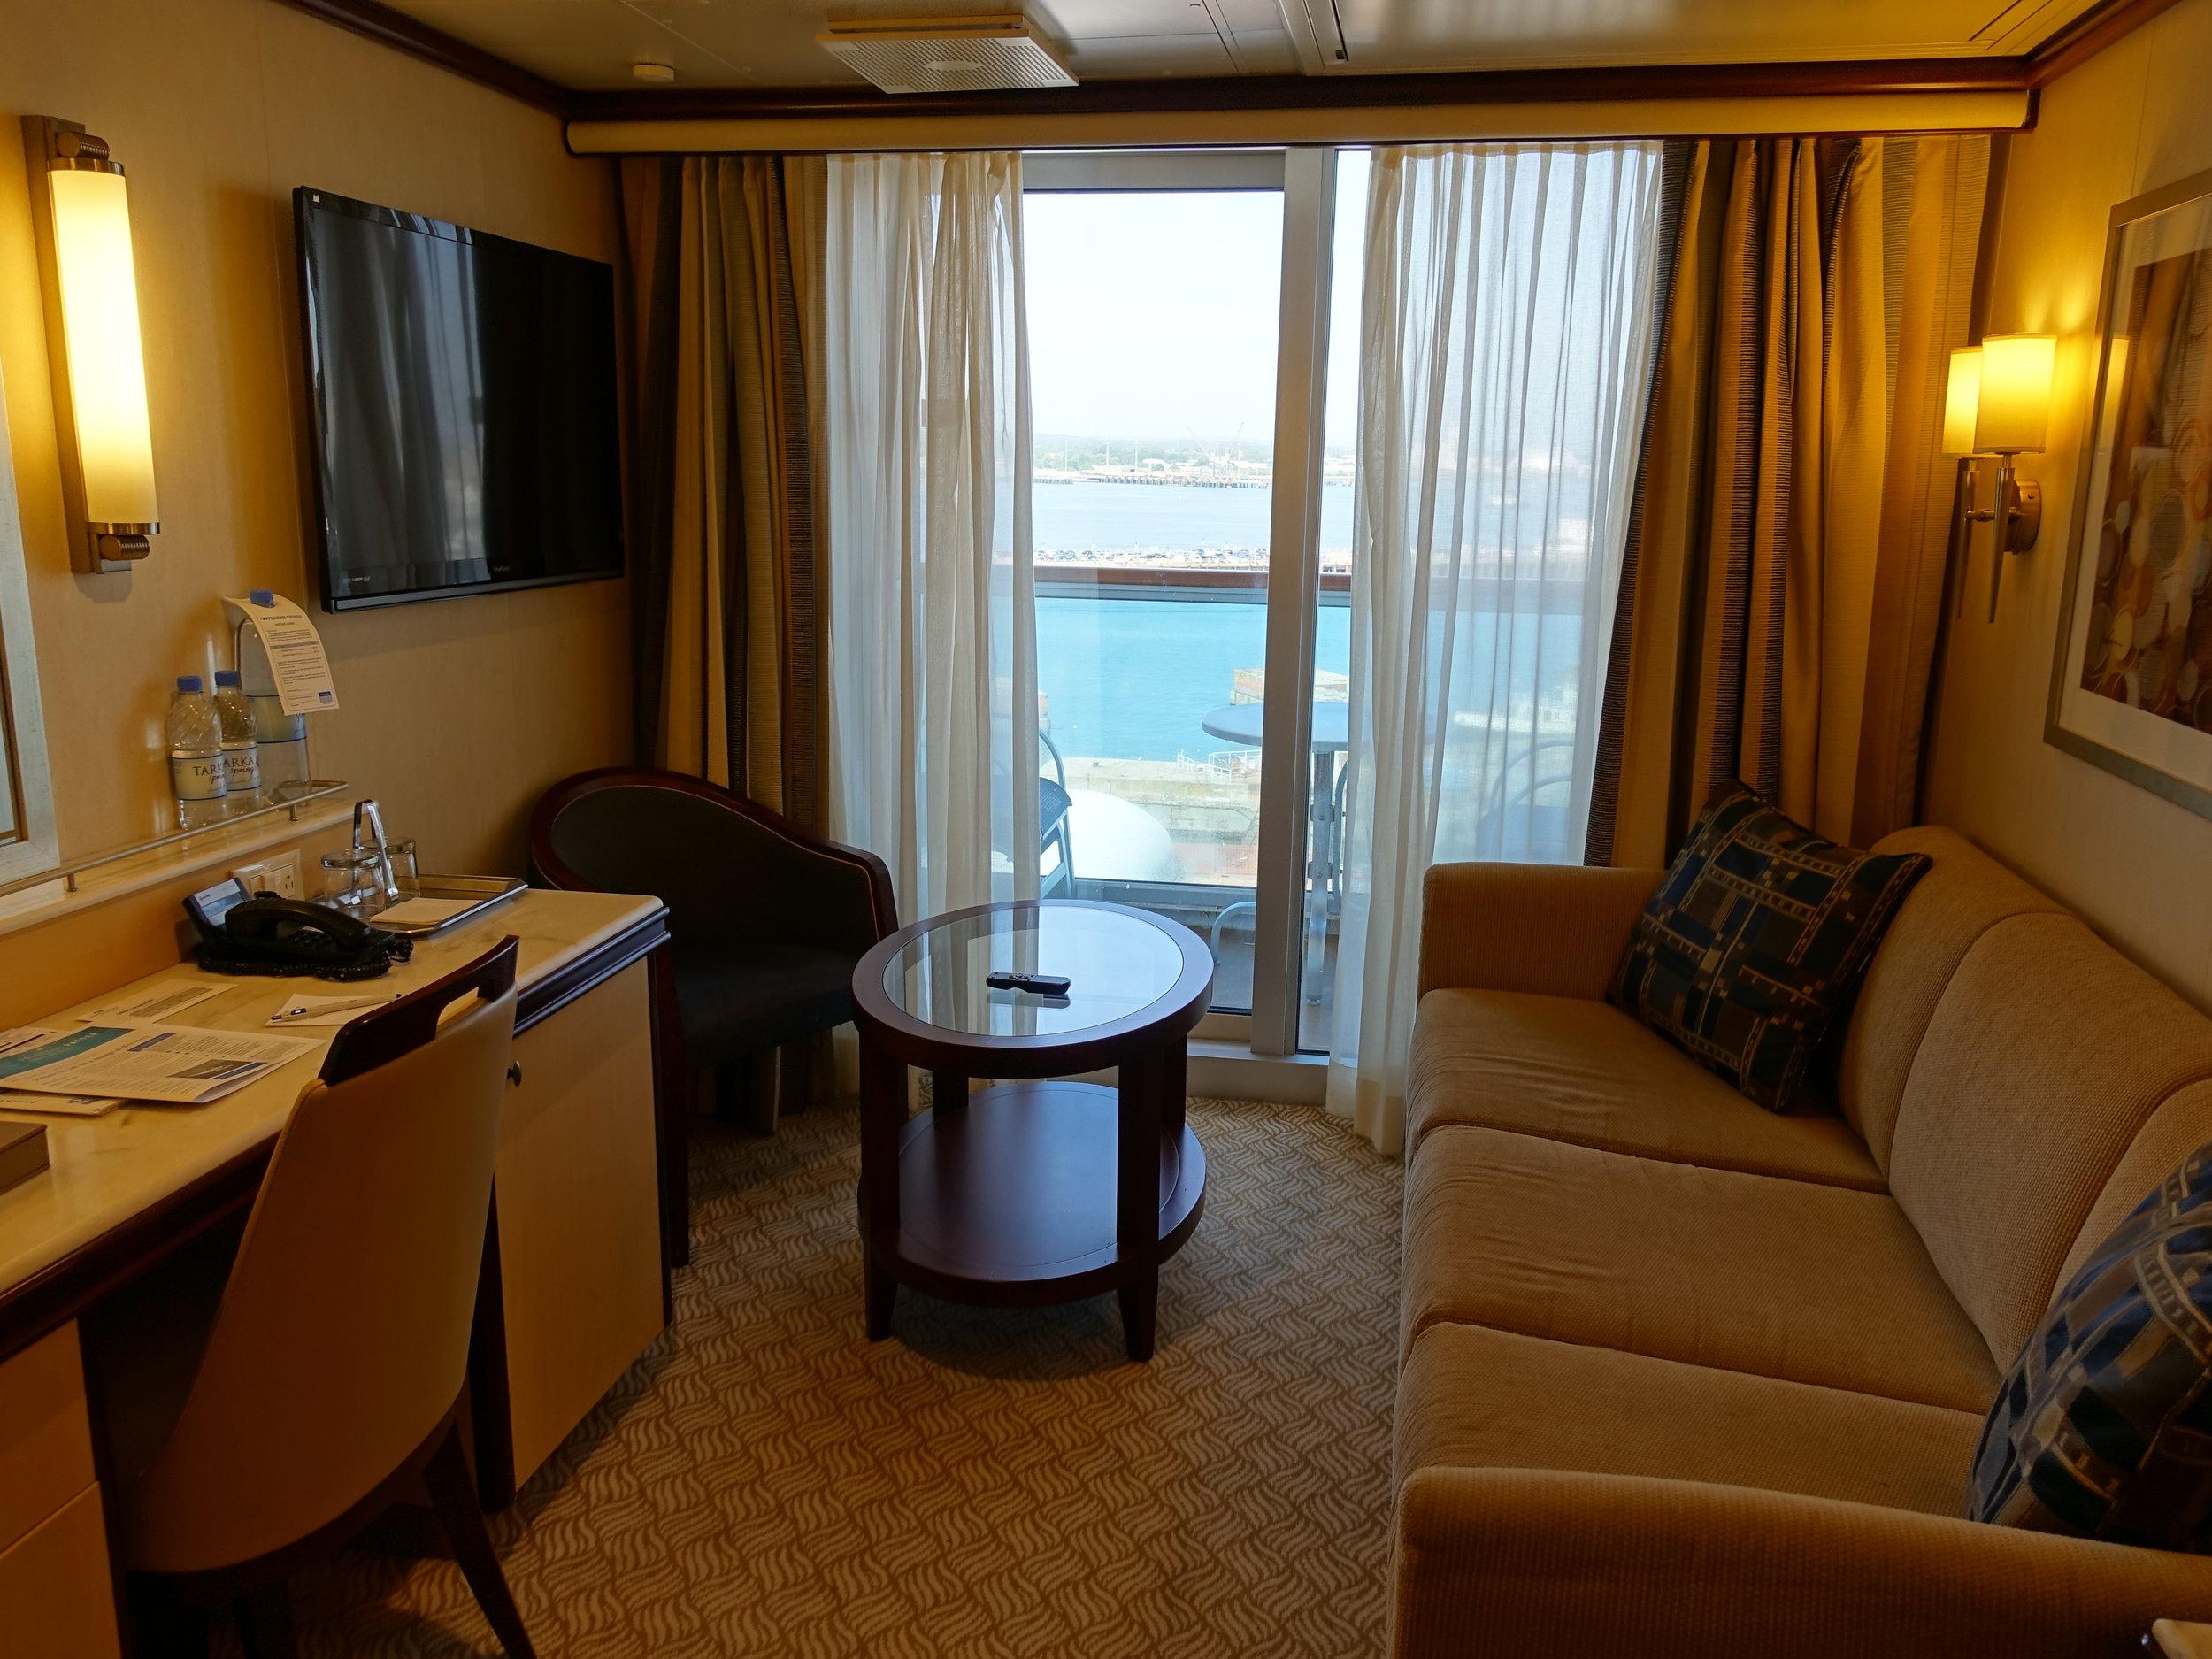 The mini suite